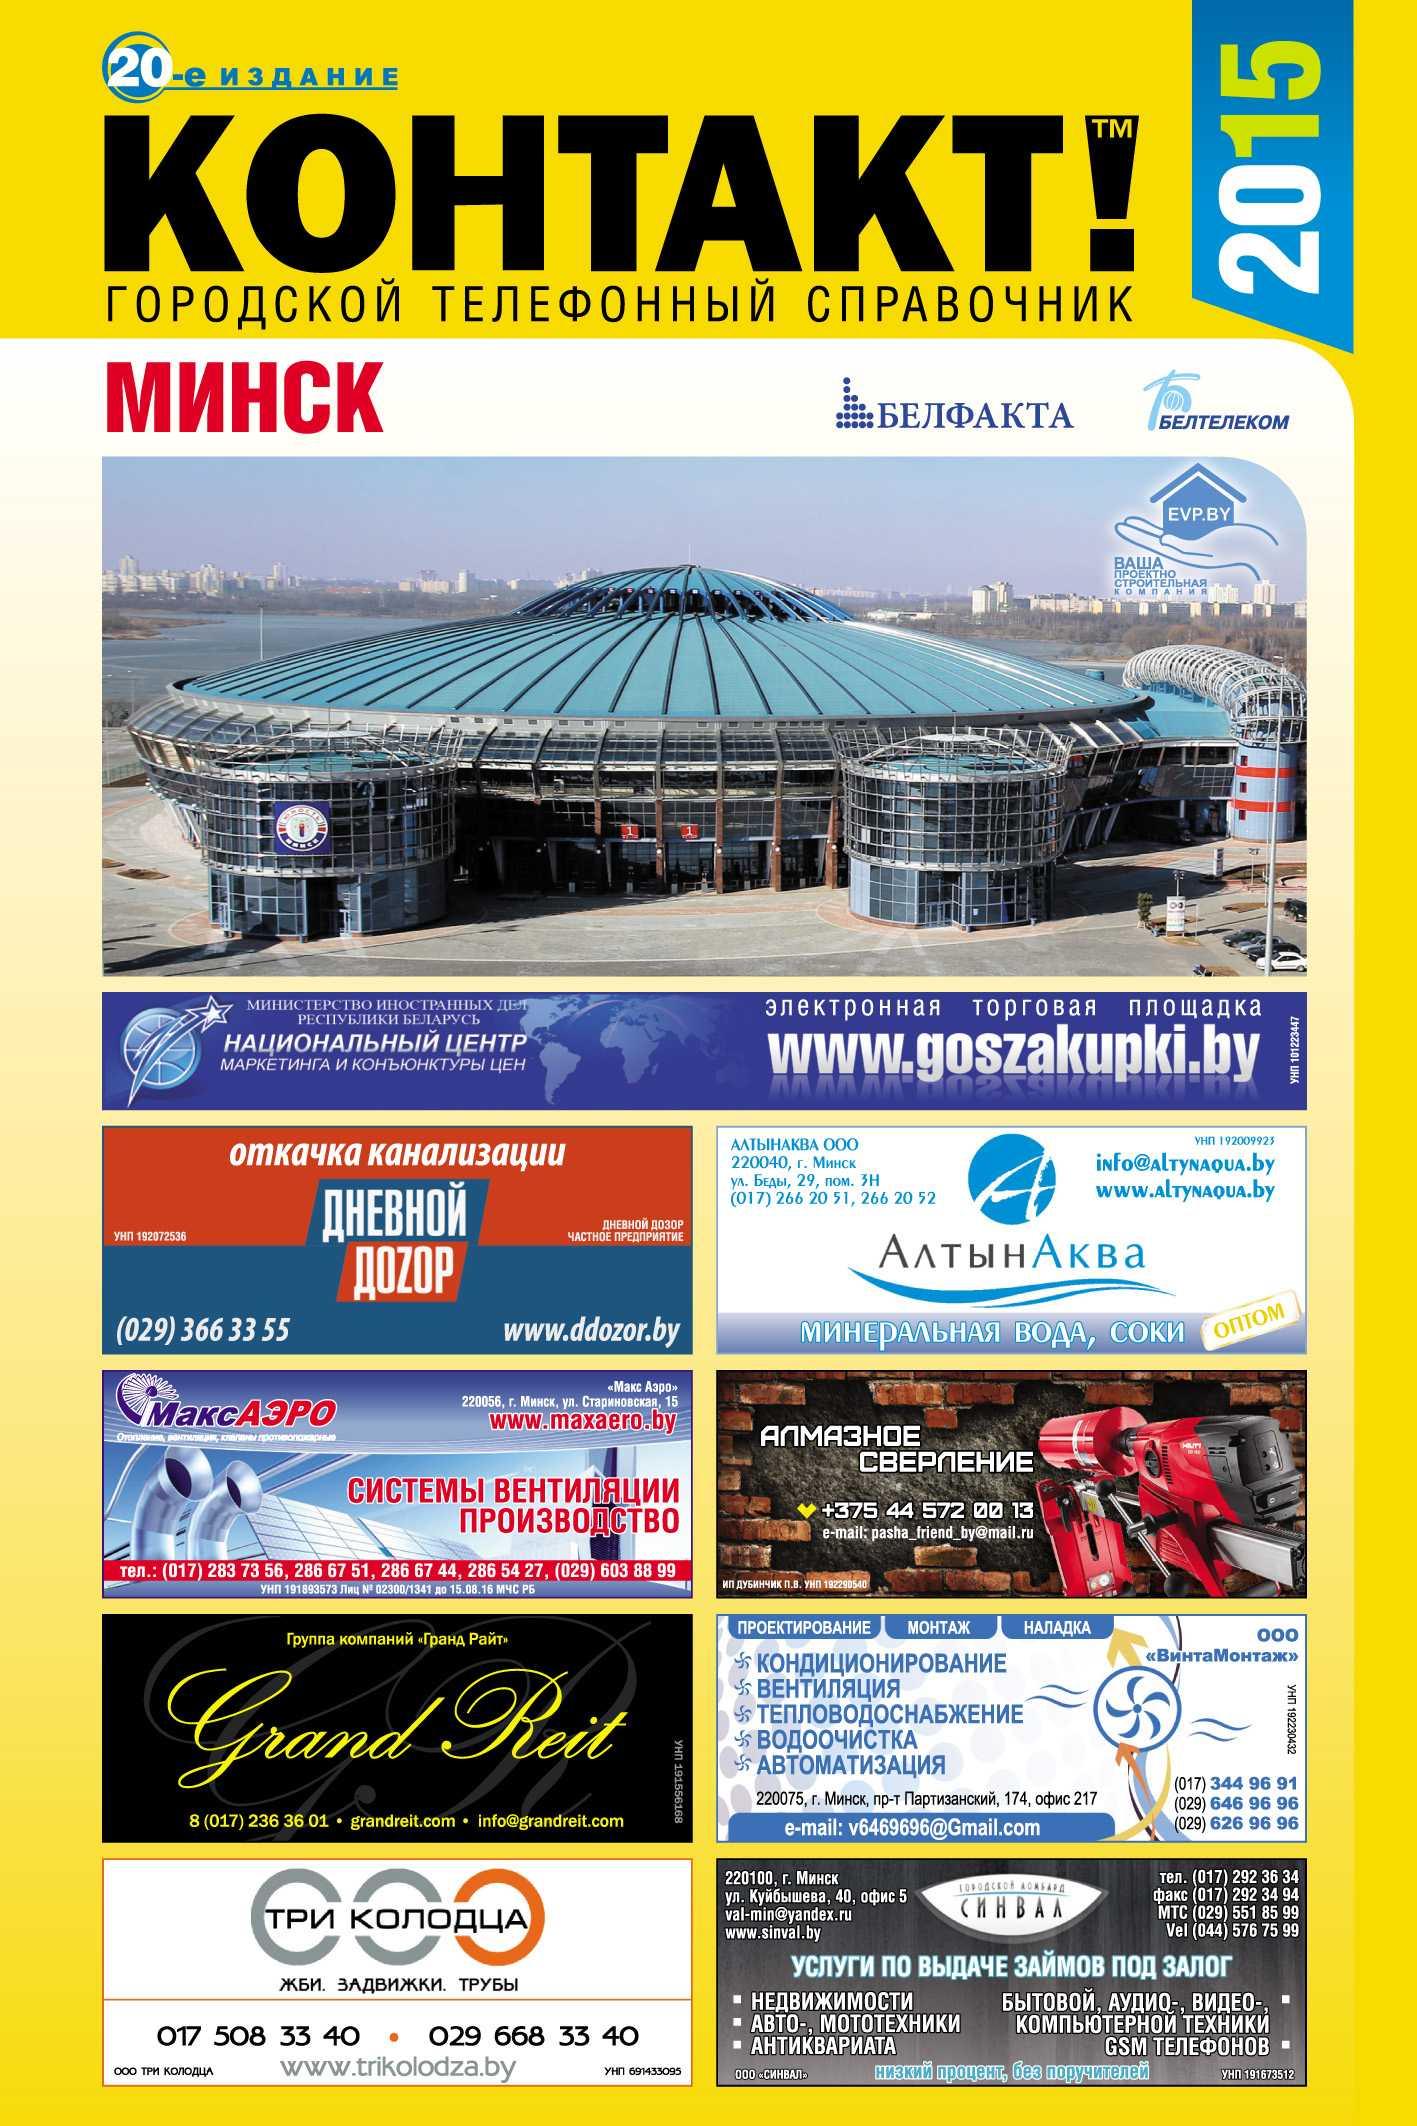 КОНТАКТ! Минск — телефонный справочник г. Минска